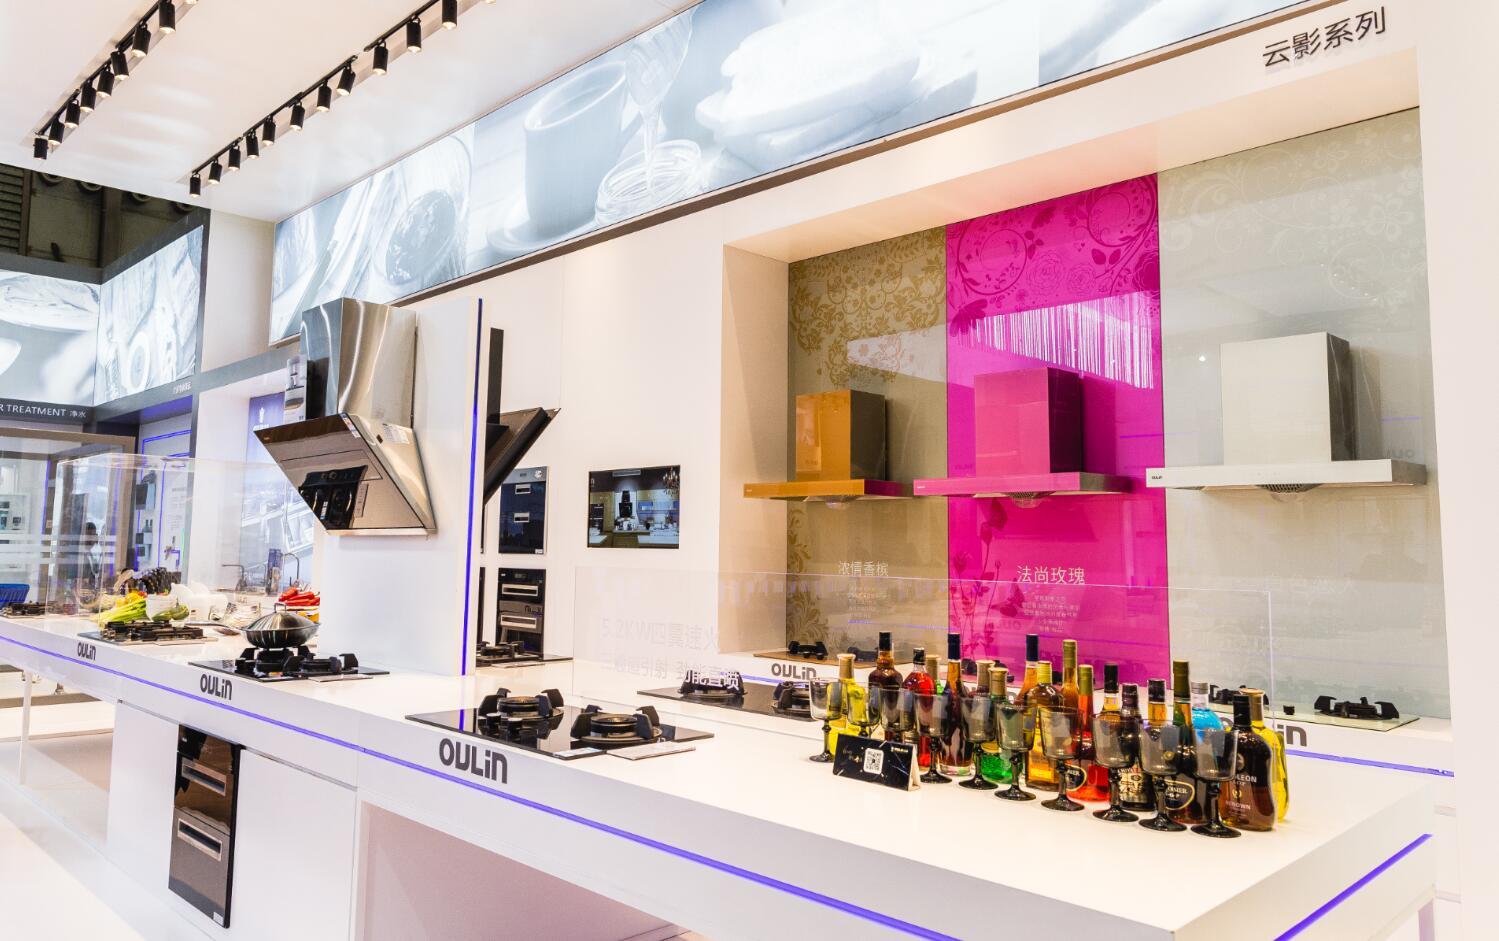 """站在AWE2016厨电盛会的舞台上,OULIN欧琳与国际品牌及国内一线知名品牌一起同台竞技,再一次用实力证明了OULIN欧琳在行业中""""智能美学厨电""""的地位。OULIN欧琳厨电产品凭借其开创时代的研发力,对极致品质的苛求态度,及对厨电美学的捕捉创造力,获得行业和消费者的一致赞誉。     据悉,相较往年,本届厨电博览会展一智能化为主题,从规模和和其实上都有所提升,同时更重视与消费者的互动性,在AWE2016OULIN欧琳展馆不但有外籍知名乐队现场solo;更有名厨现场烹饪,与消费"""